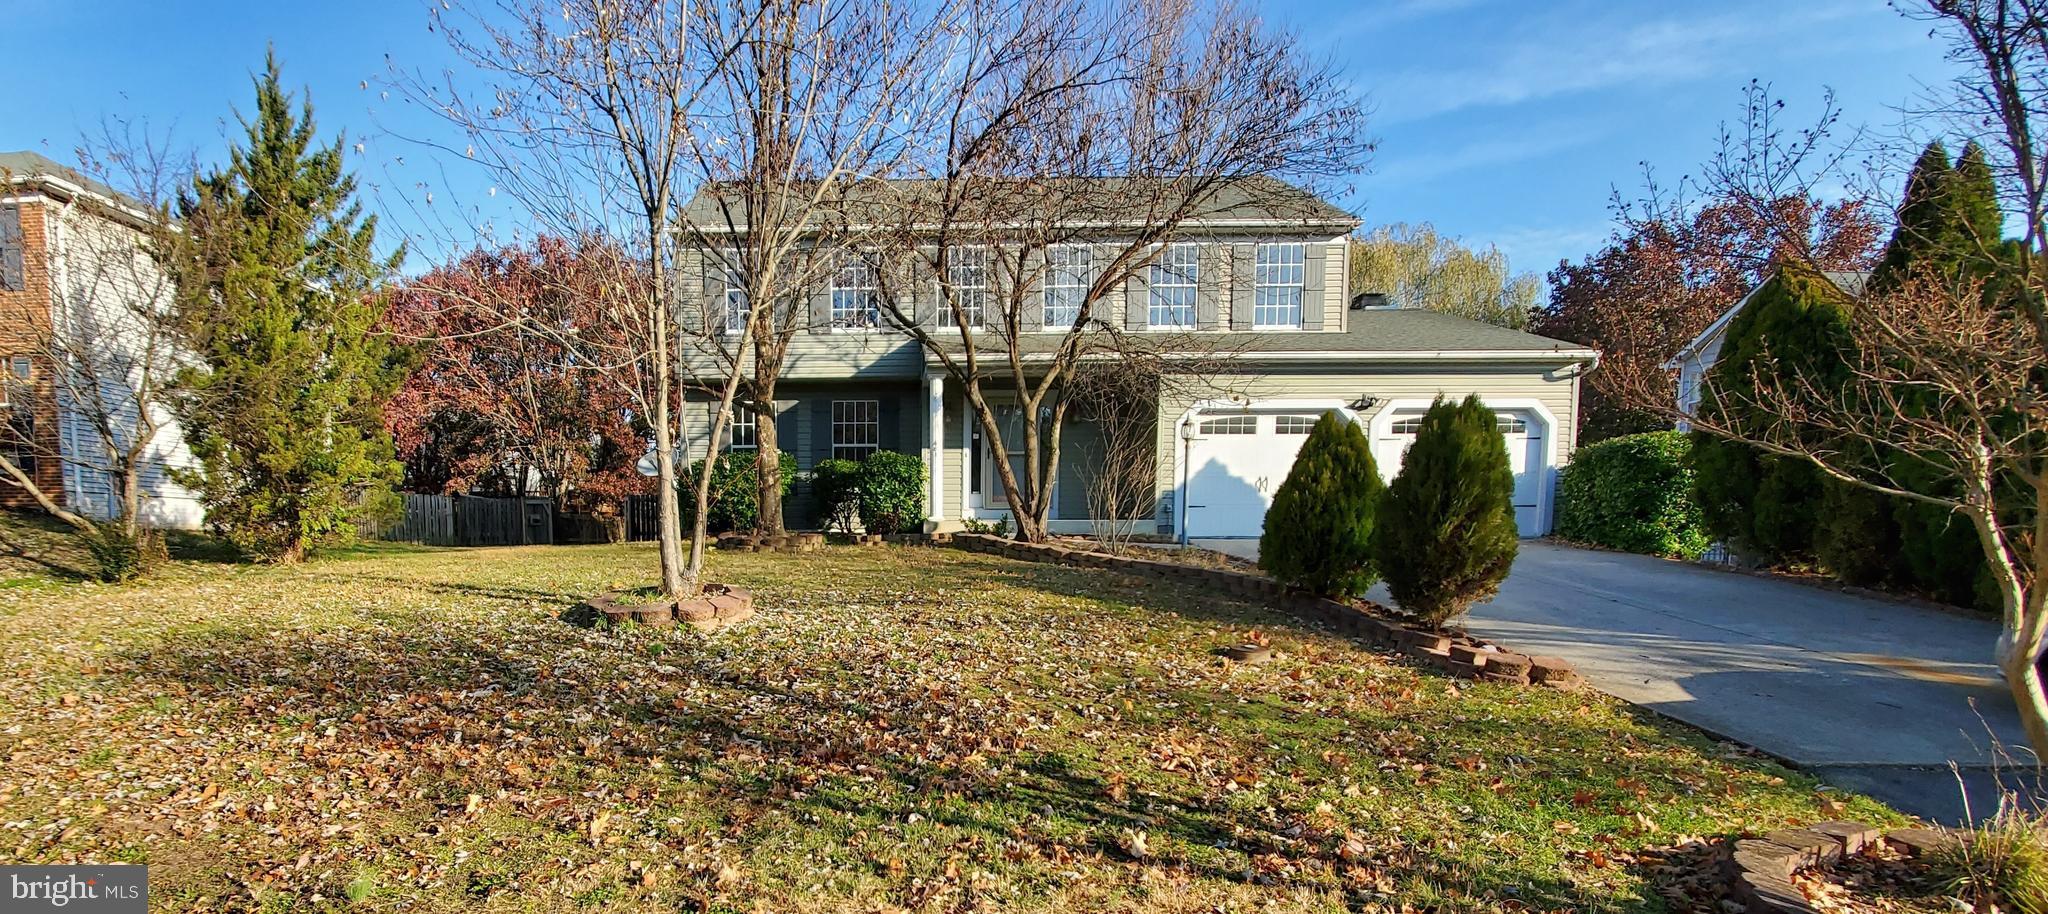 461 Westmoreland Dr, Stephens City, VA, 22655